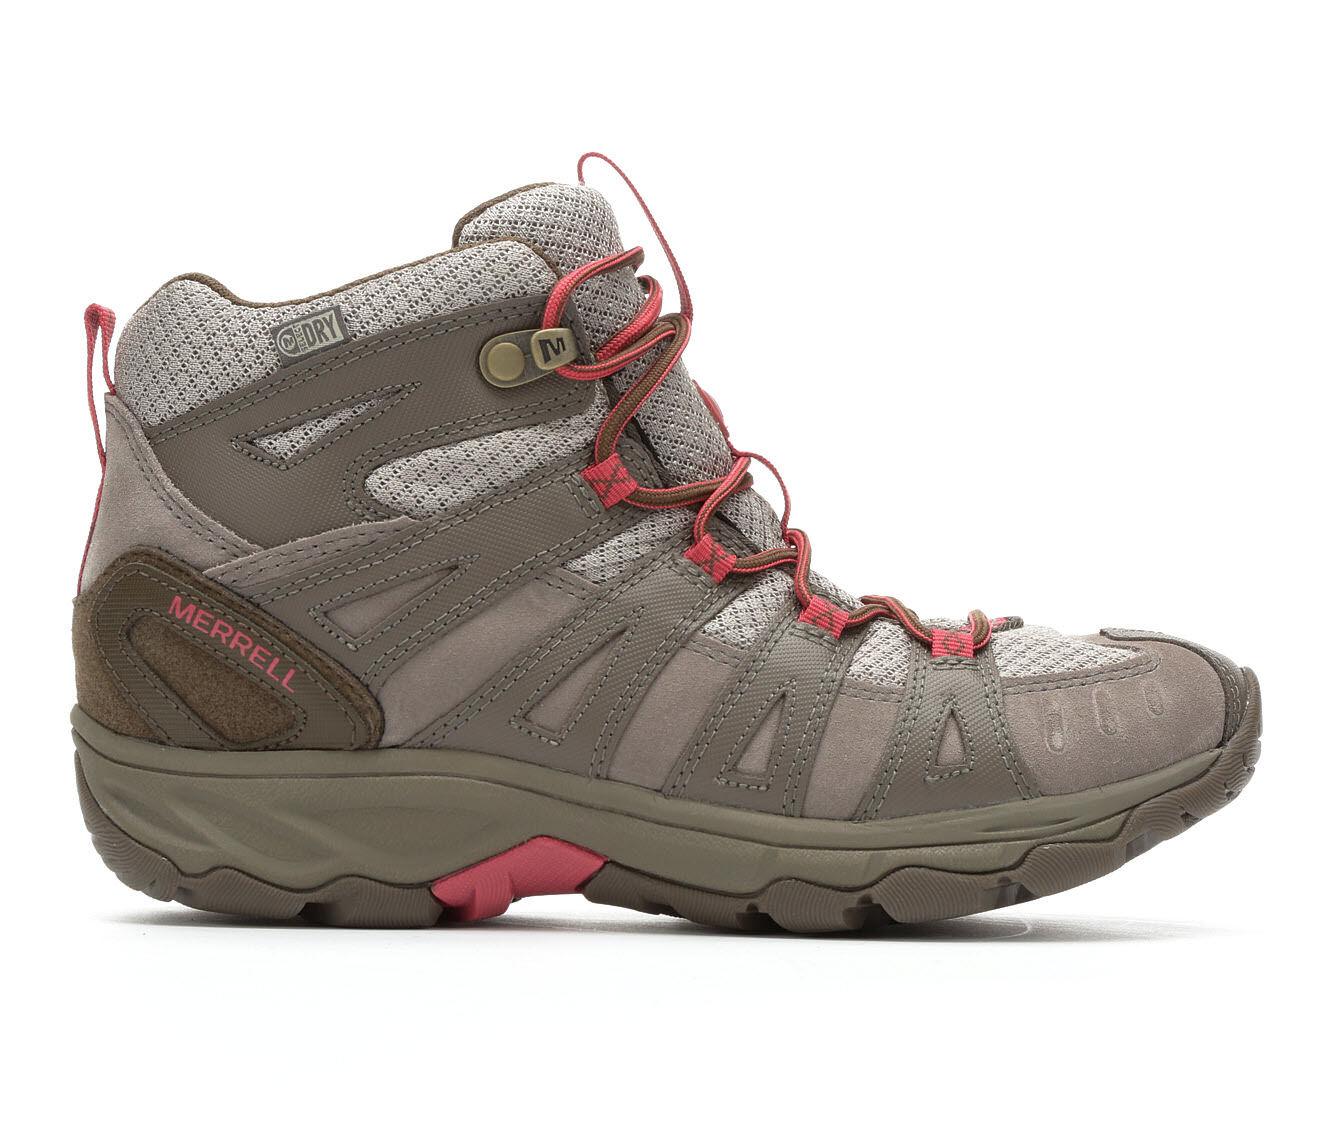 Women's Merrell Avian Light 2V MD Hiking Boots Cheapest cheap online KQR2V